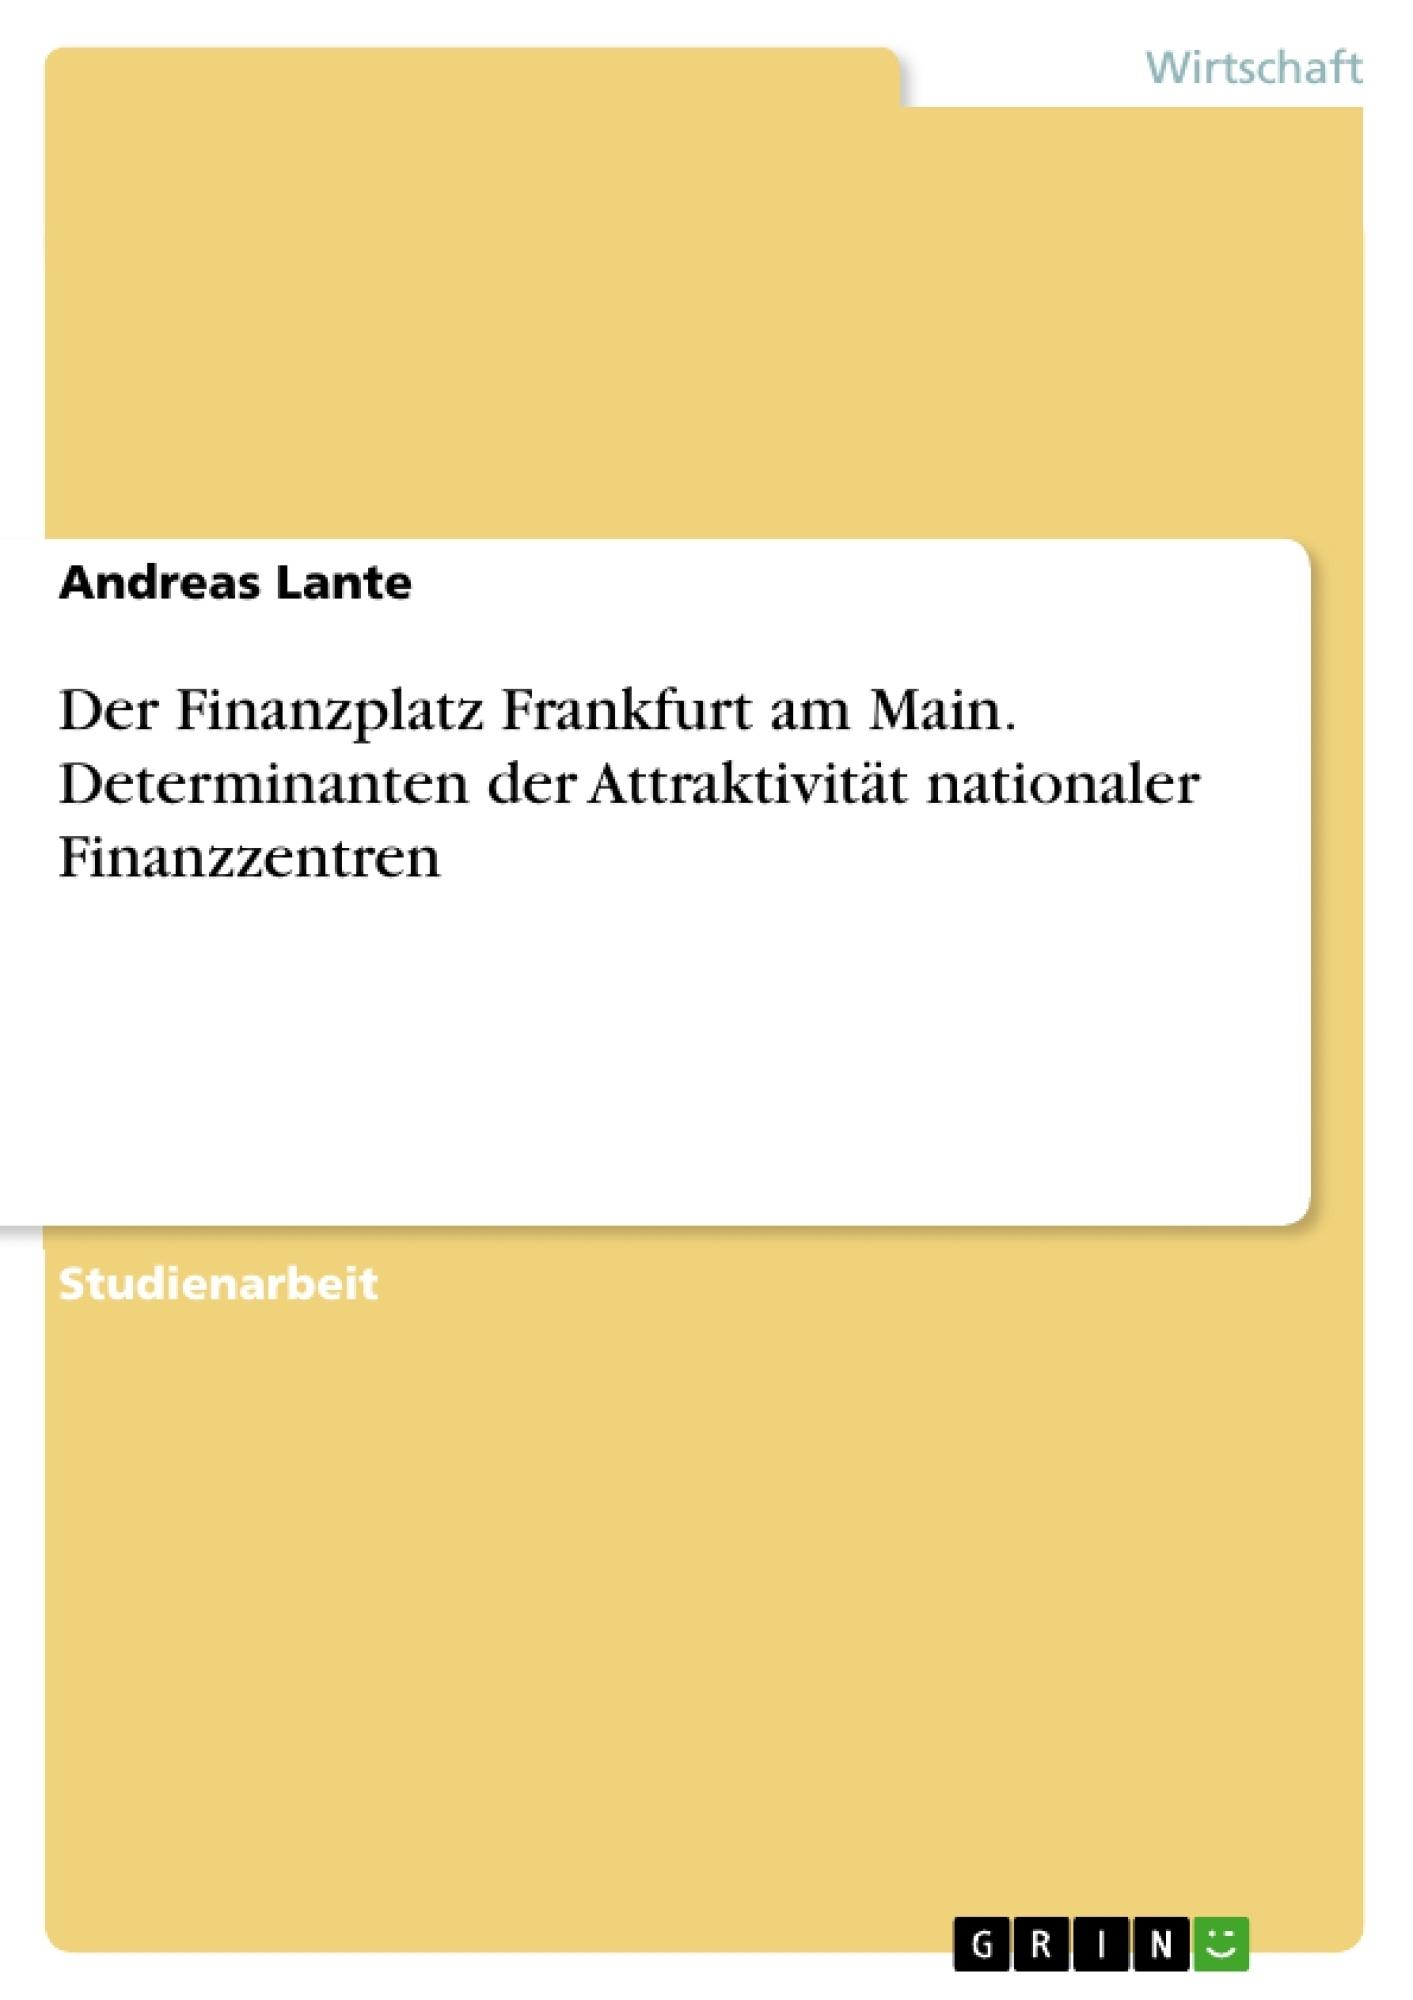 Titel: Der Finanzplatz Frankfurt am Main. Determinanten der Attraktivität nationaler Finanzzentren